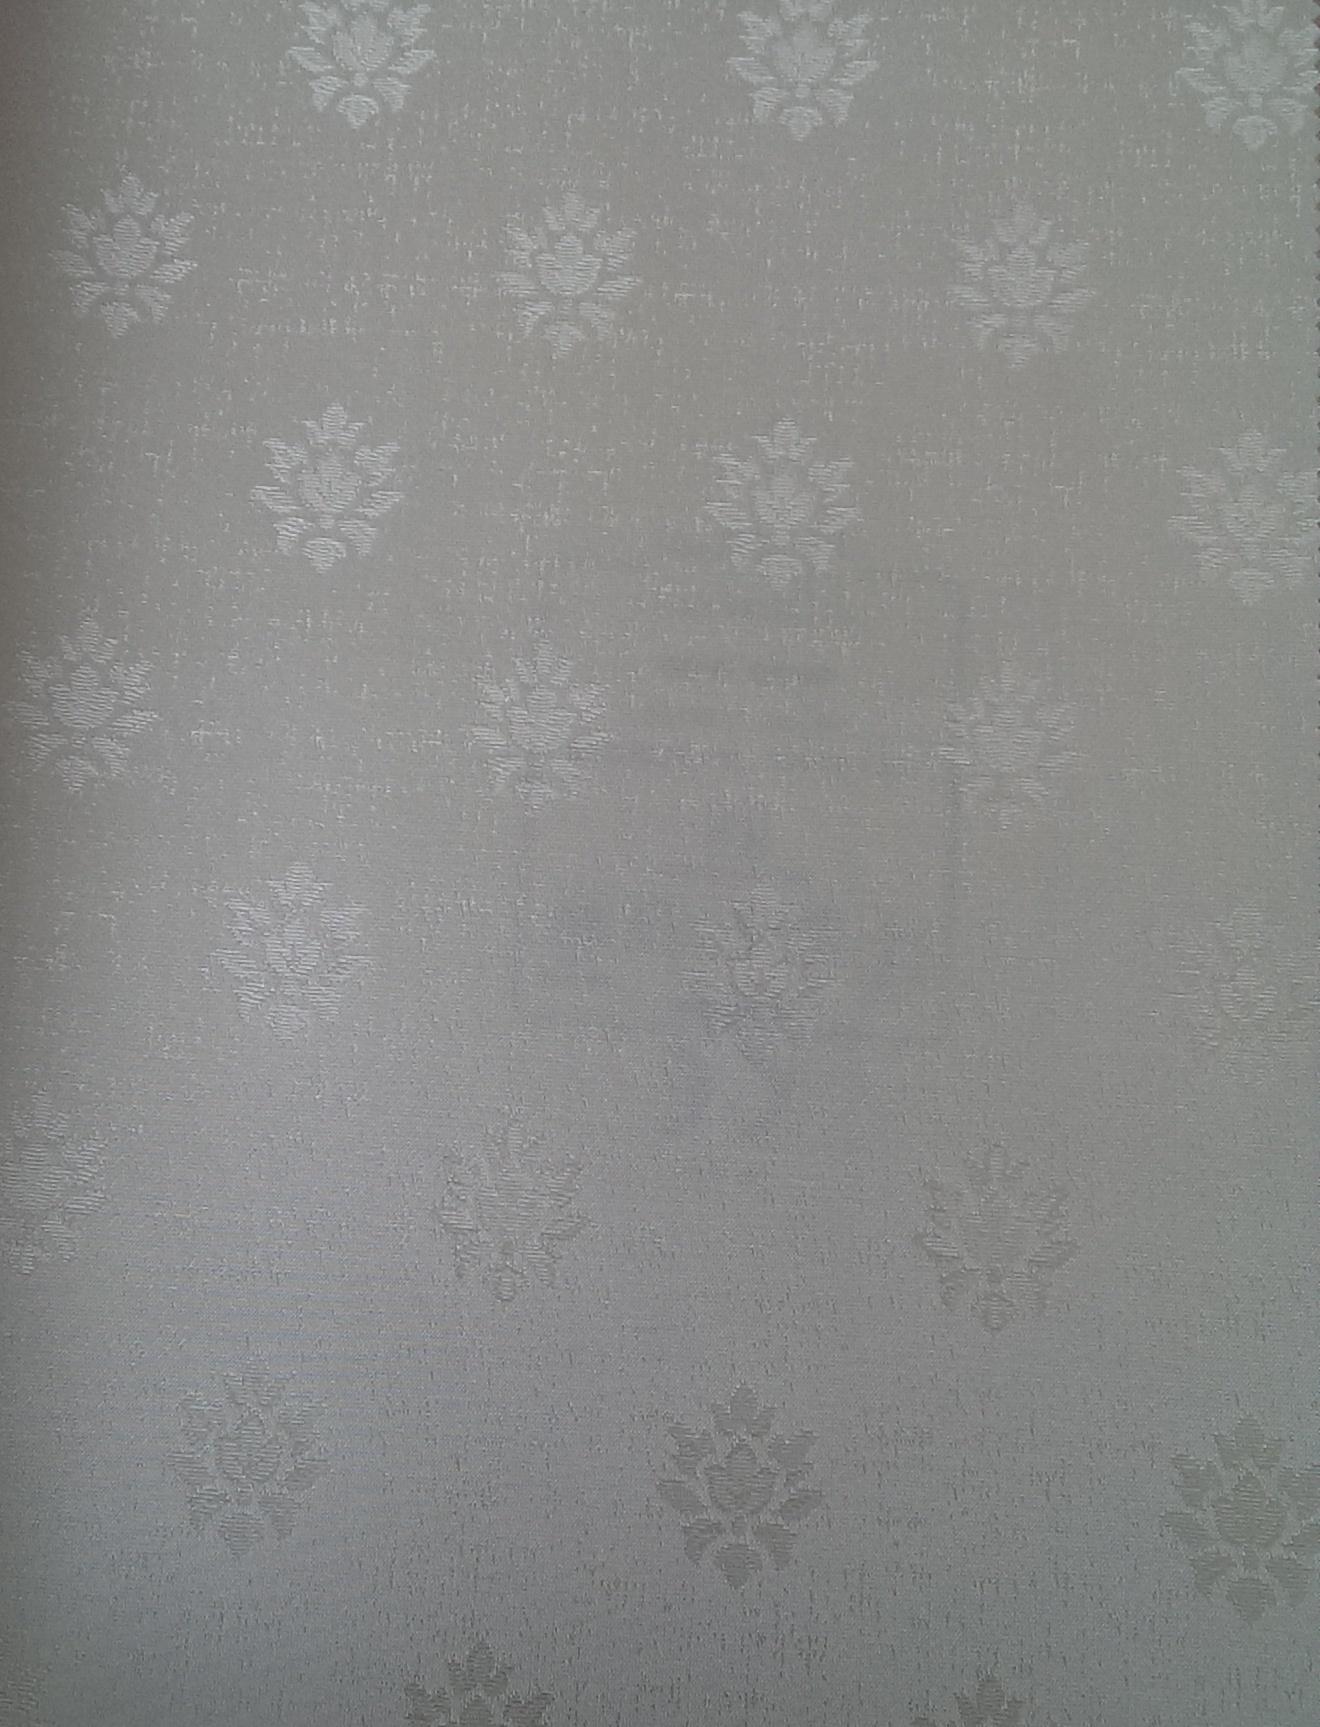 Обои Print4 Via Monte Napoleone 4620 W00, интернет магазин Волео